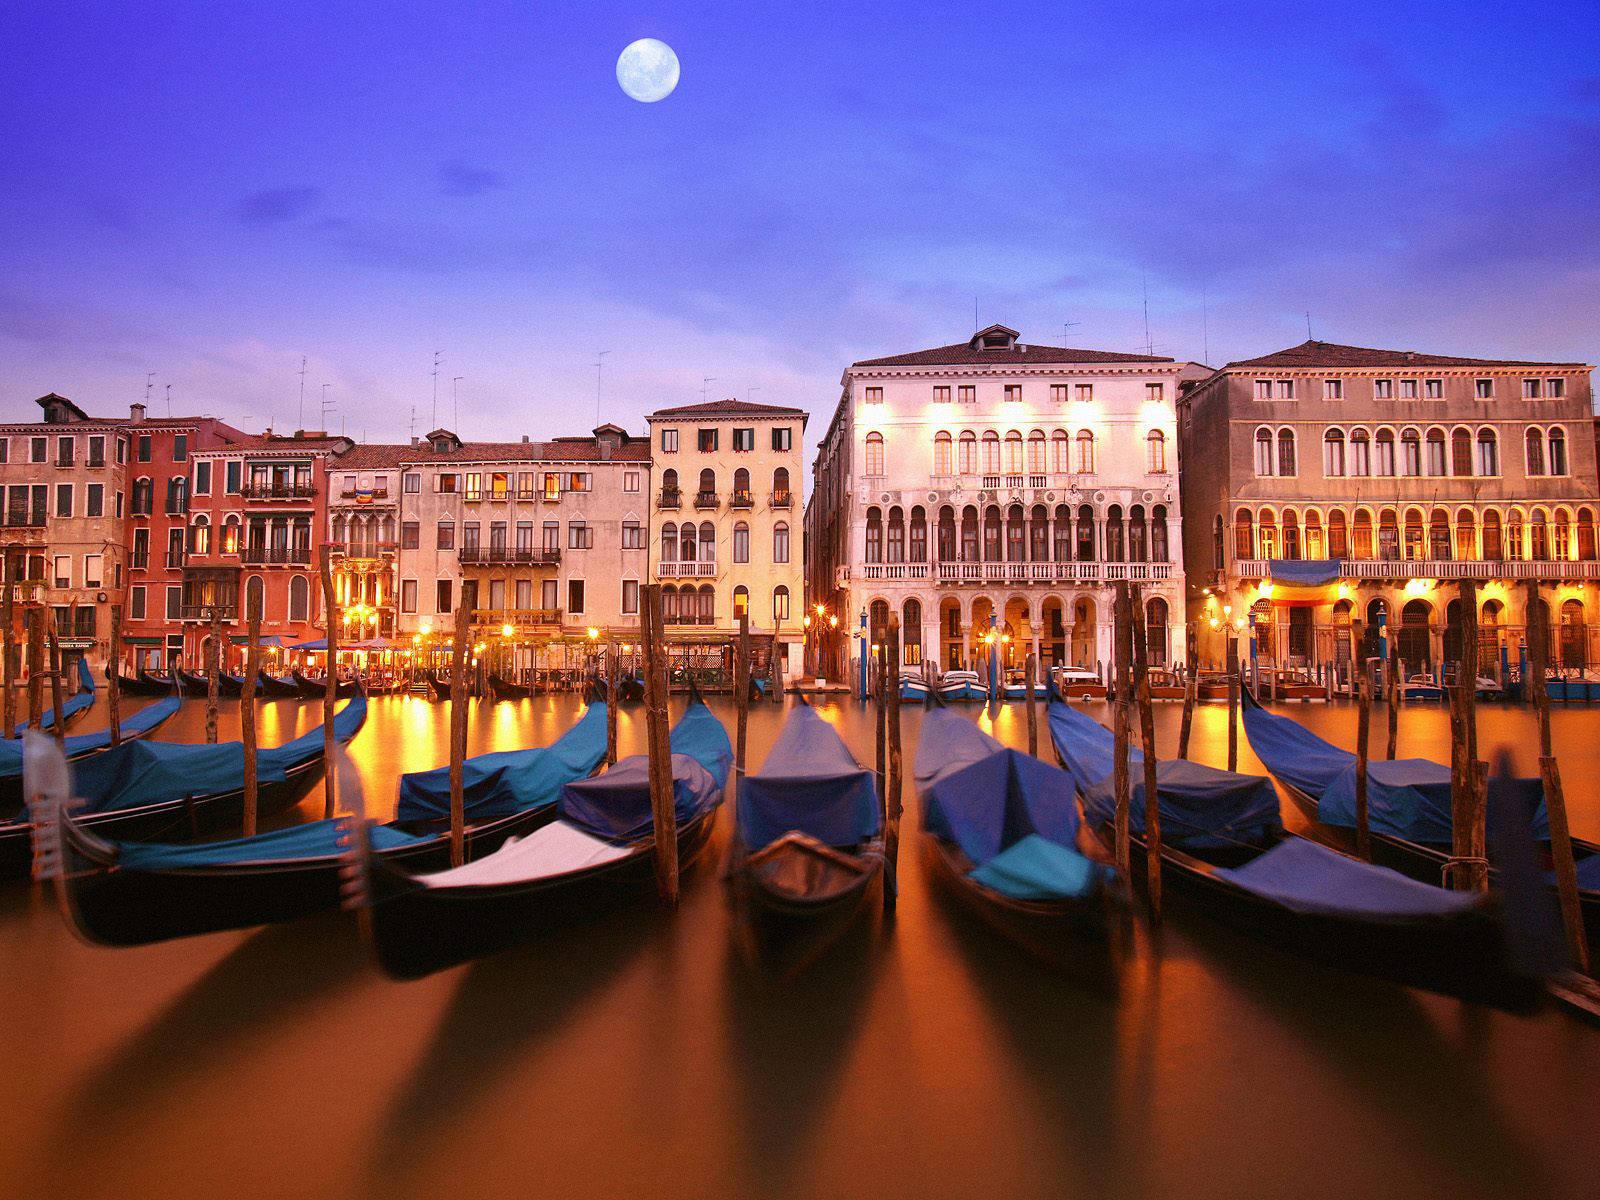 Сегодня мы совершим фото-путешествие по Италии - стране захватывающих